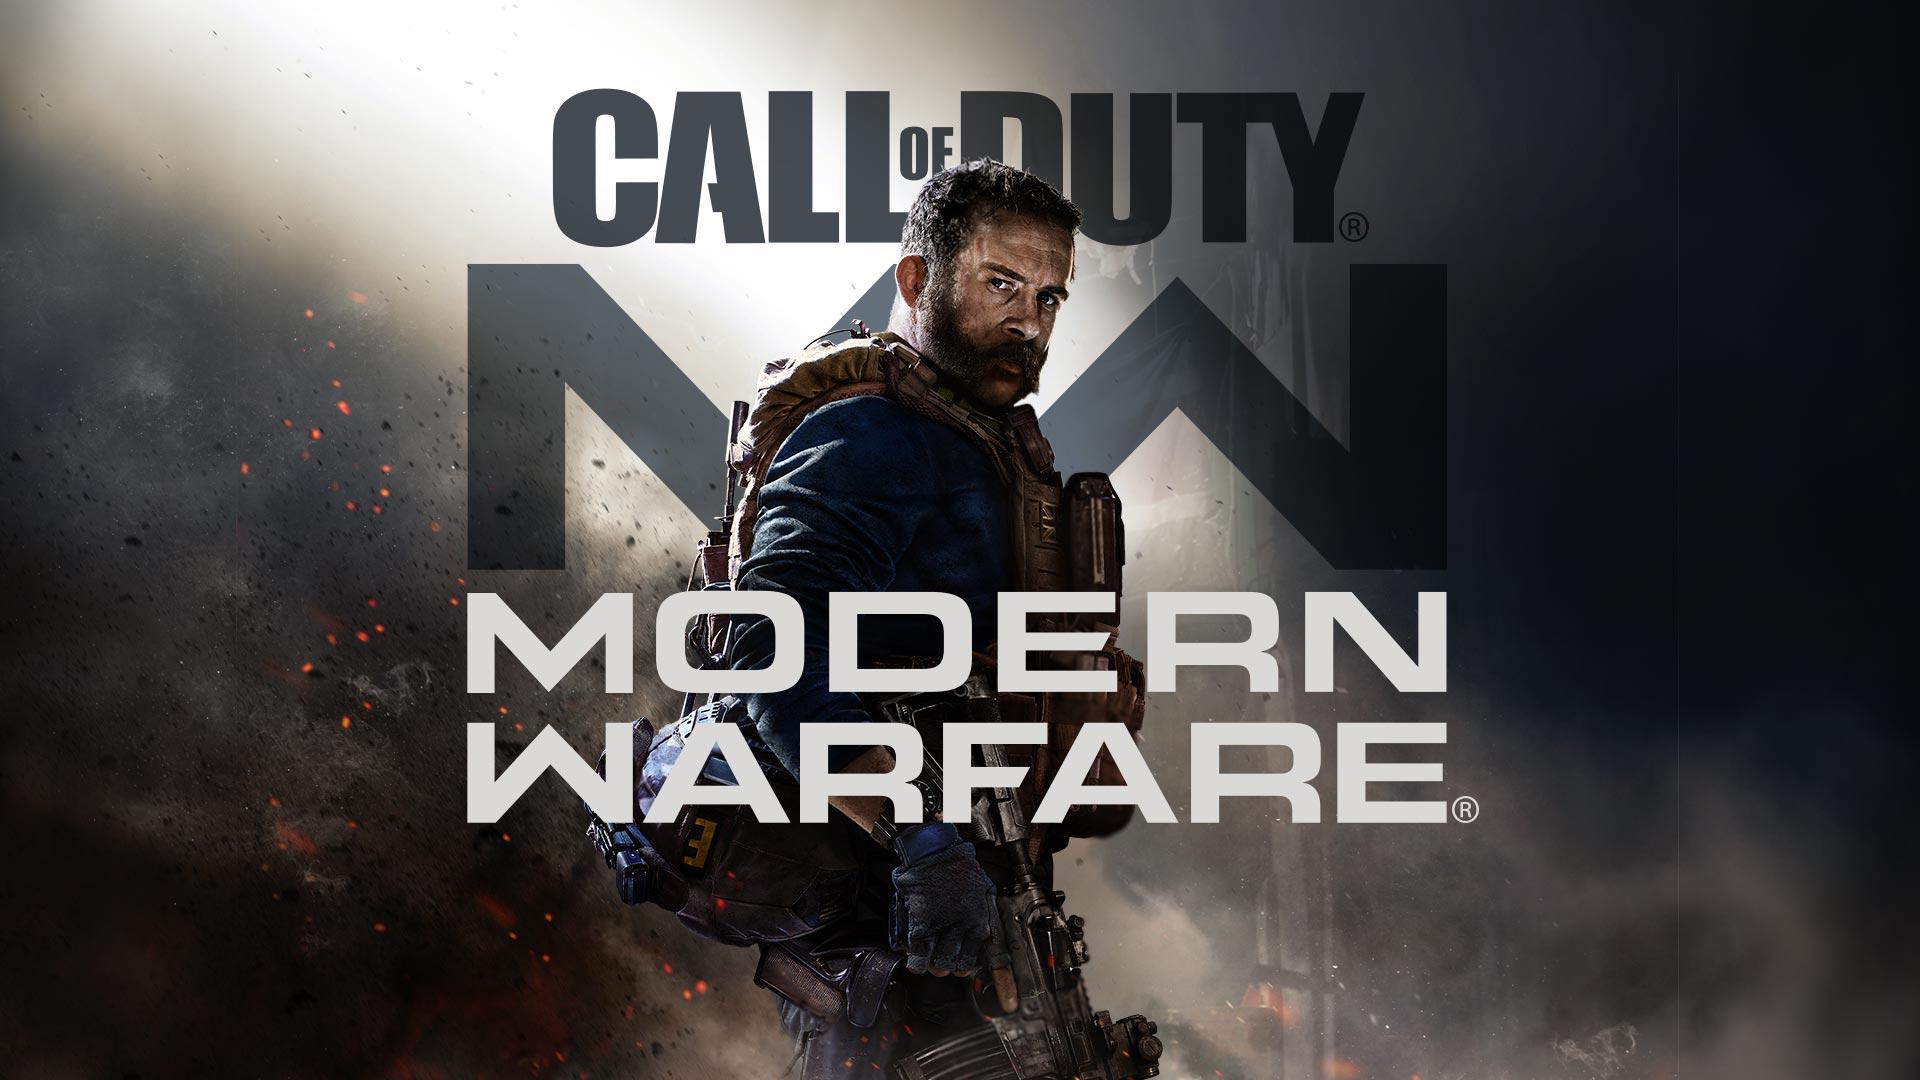 Call of Duty achteraf betalen met Afterpay. Beschikbaar voor playstation 4, xbox one en nintendo